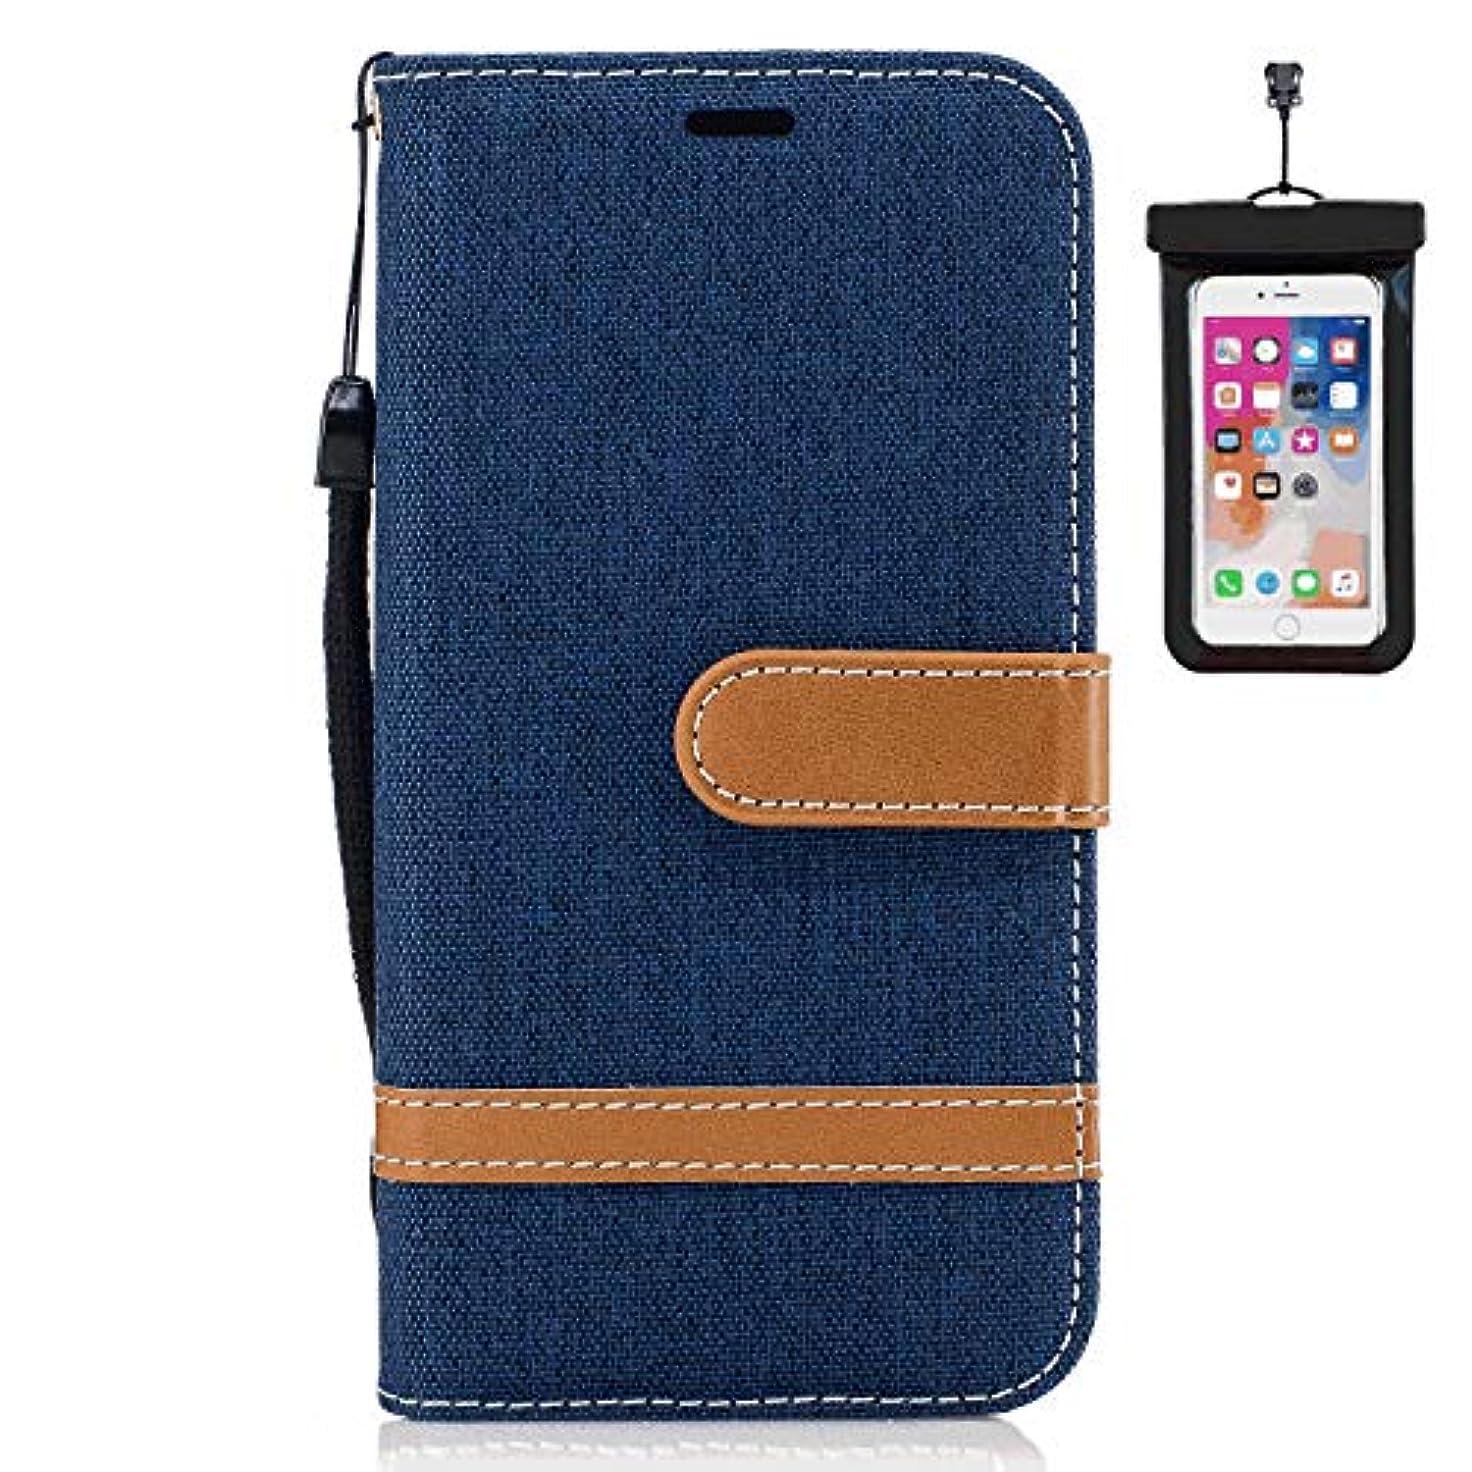 カウンタばかげたベルトiPhone 8 Plus プラス レザー ケース, 手帳型 アイフォン 8 Plus プラス 本革 耐摩擦 ビジネス スマートフォンカバー カバー収納 財布 無料付スマホ防水ポーチIPX8 Elegant